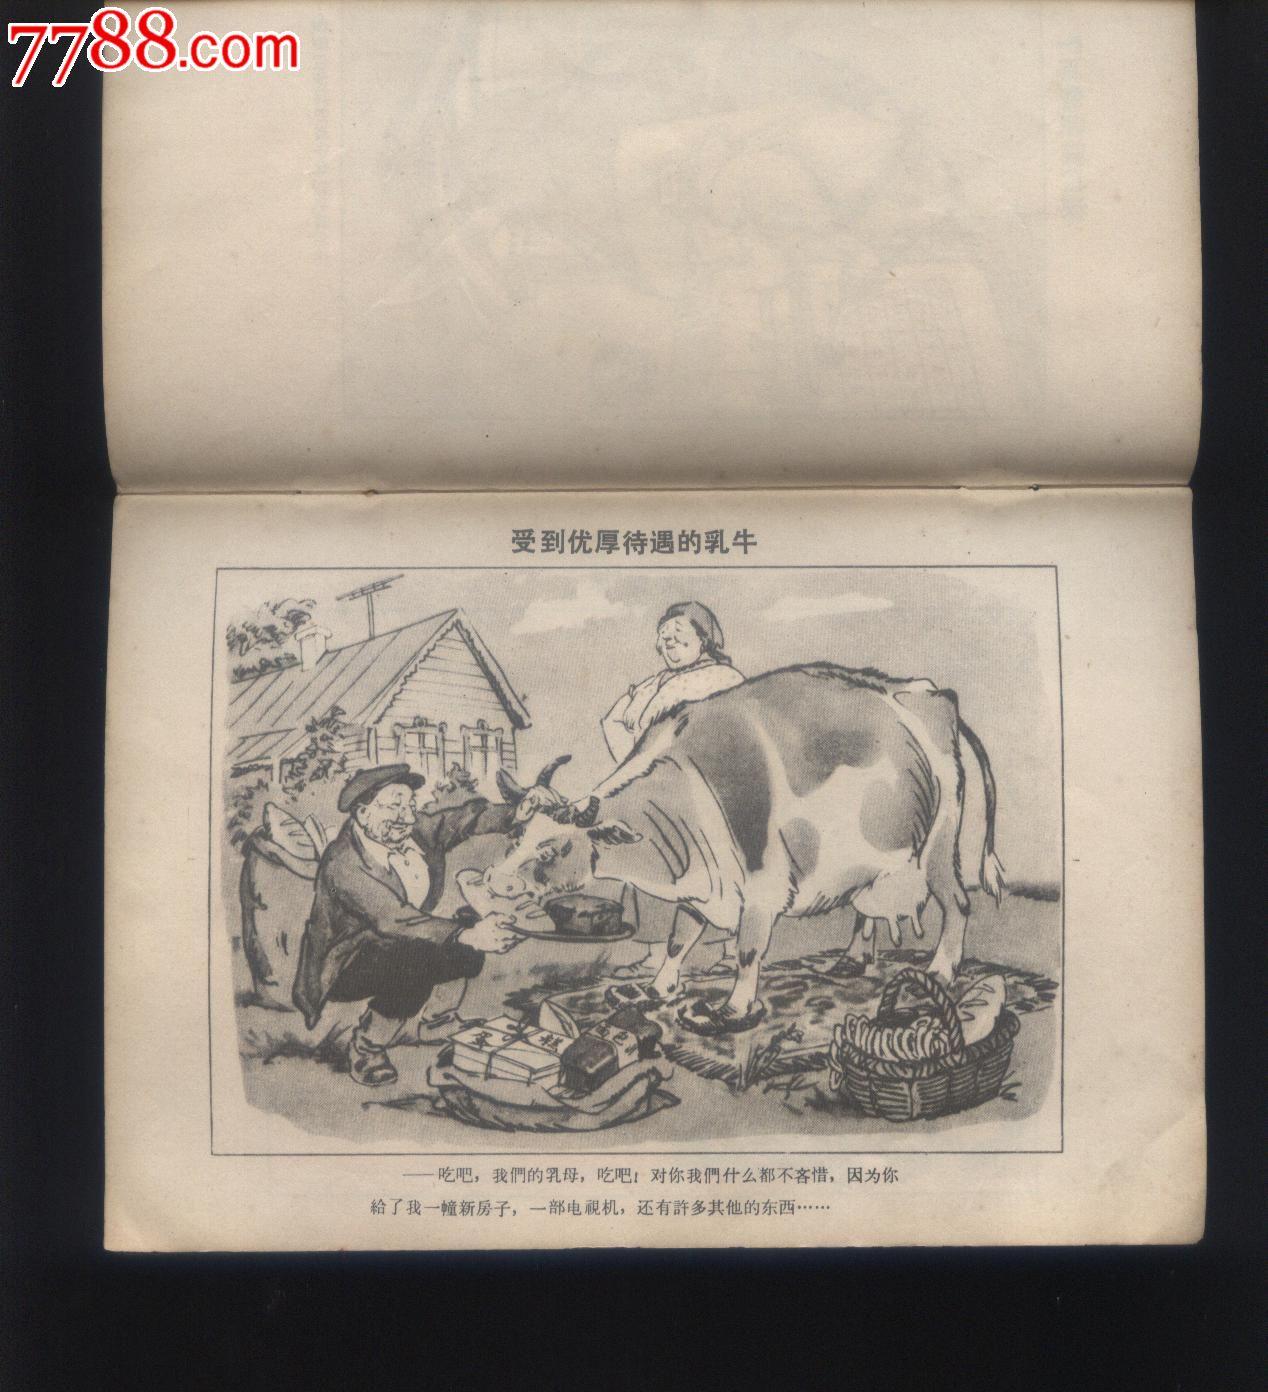 从苏联漫画看苏修农村叛徒在漫画v漫画资本主义一击男集团图片